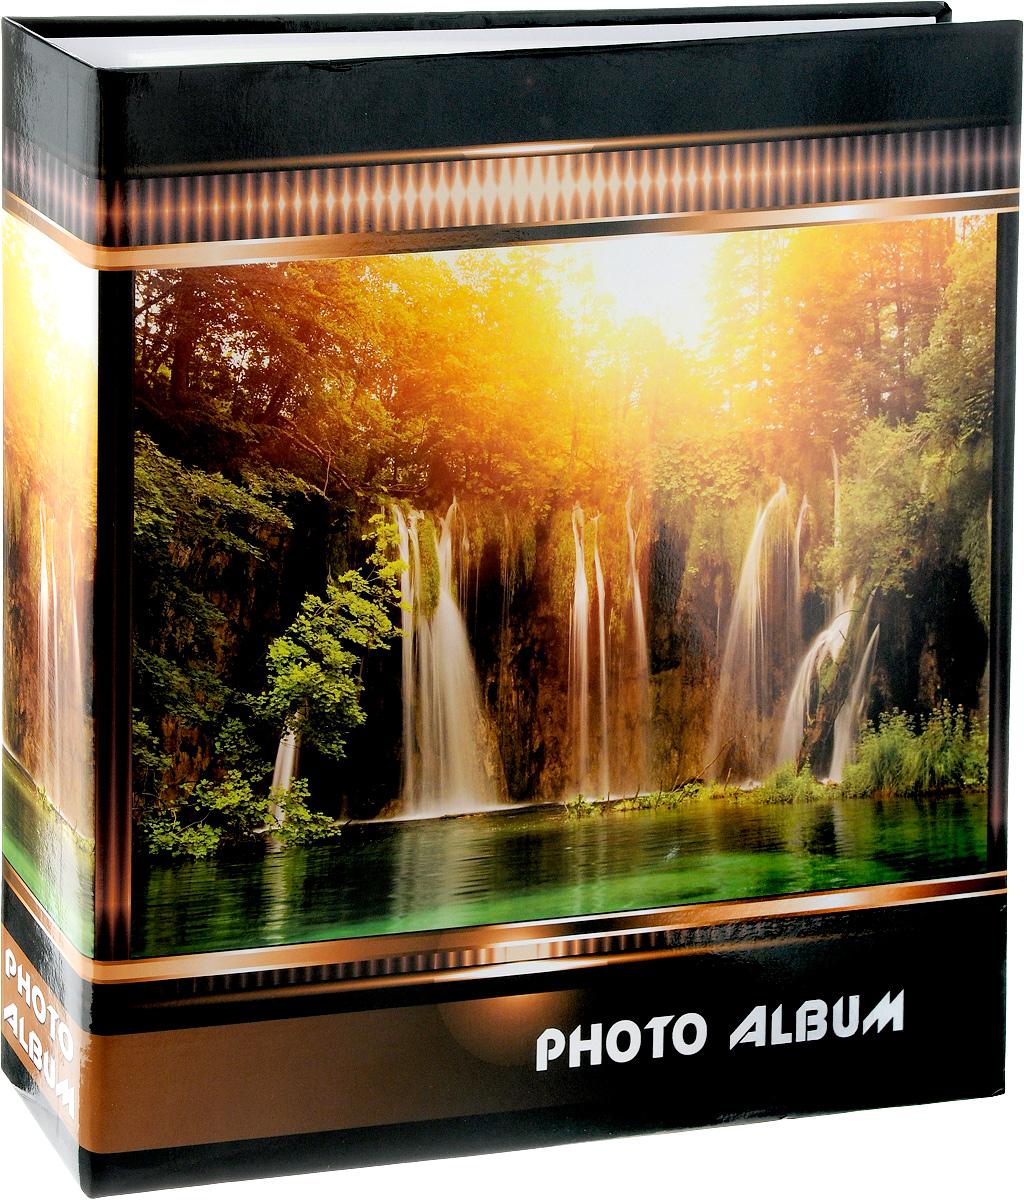 Фотоальбом Pioneer Waterfalls, 500 фотографий, цвет: оранжевый, коричневый, 10 x 15 см47511 AV46500 3-OФотоальбом Pioneer Waterfalls позволит вам запечатлеть незабываемые моменты вашей жизни, сохранить свои истории и воспоминания на его страницах. Обложка из ламинированного картона оформлена принтом в виде водопада. Фотоальбом рассчитан на 500 фотографии форматом 10 x 15 см. Фотографии фиксируется внутри с помощью кармашек. Такой необычный фотоальбом позволит легко заполнить страницы вашей истории, и с годами ничего не забудется. На странице размещаются 5 фотографий: 3 горизонтально и 2 вертикально. Количество страниц: 100. Материал обложки: Ламинированный картон. Переплет: на кольцах. Материалы, использованные в изготовлении альбома, обеспечивают высокое качество хранения ваших фотографий, поэтому фотографии не желтеют со временем. Материалы, использованные в изготовлении альбома, обеспечивают высокое качество хранения ваших фотографий, поэтому фотографии не желтеют со временем.